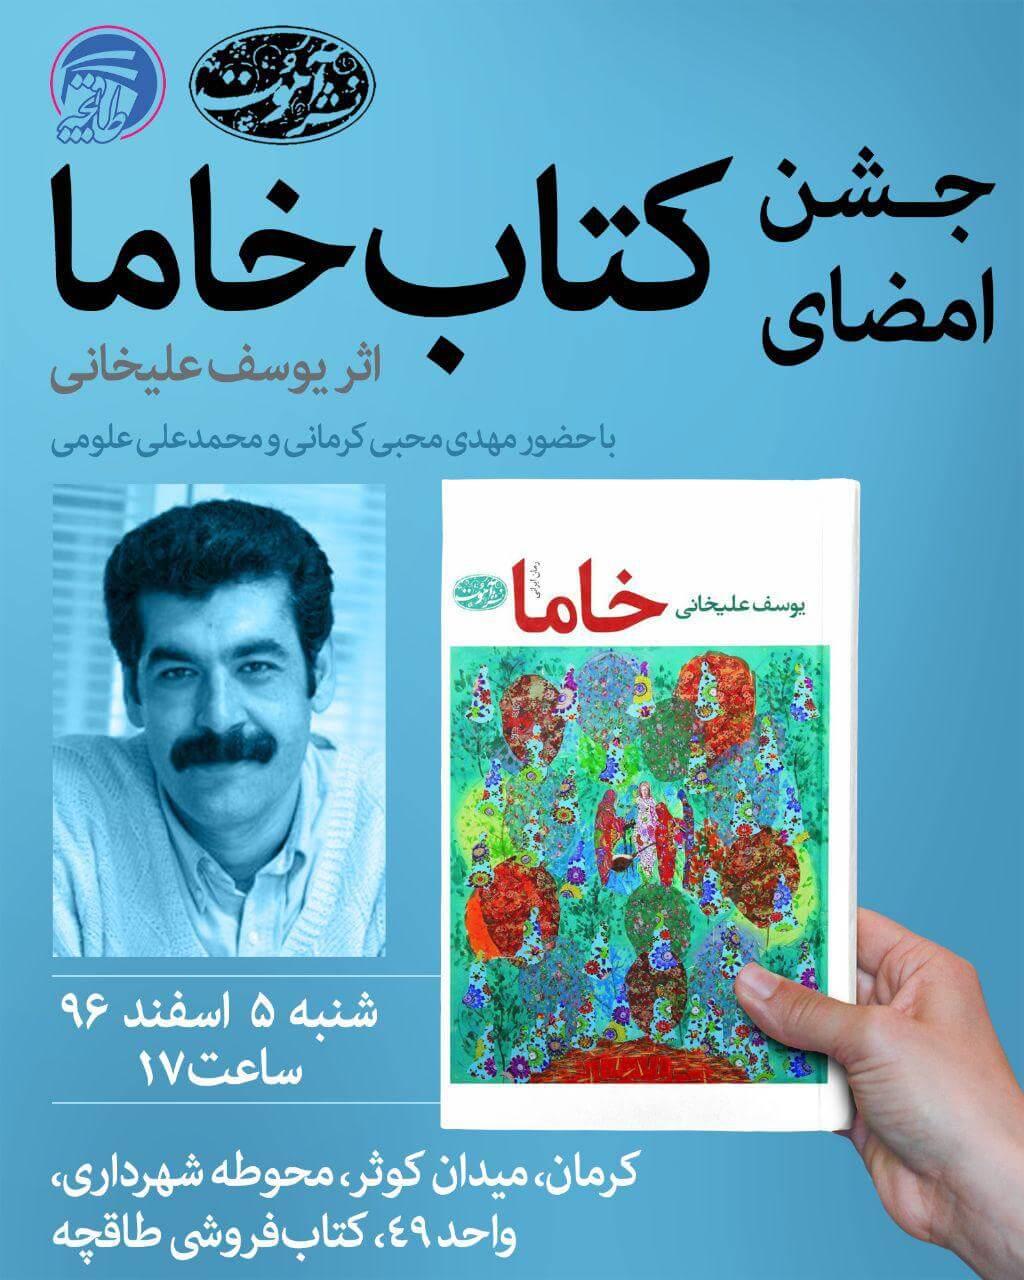 جشن امضای کتاب خاما در کتابفروشی طاقچه کرمان